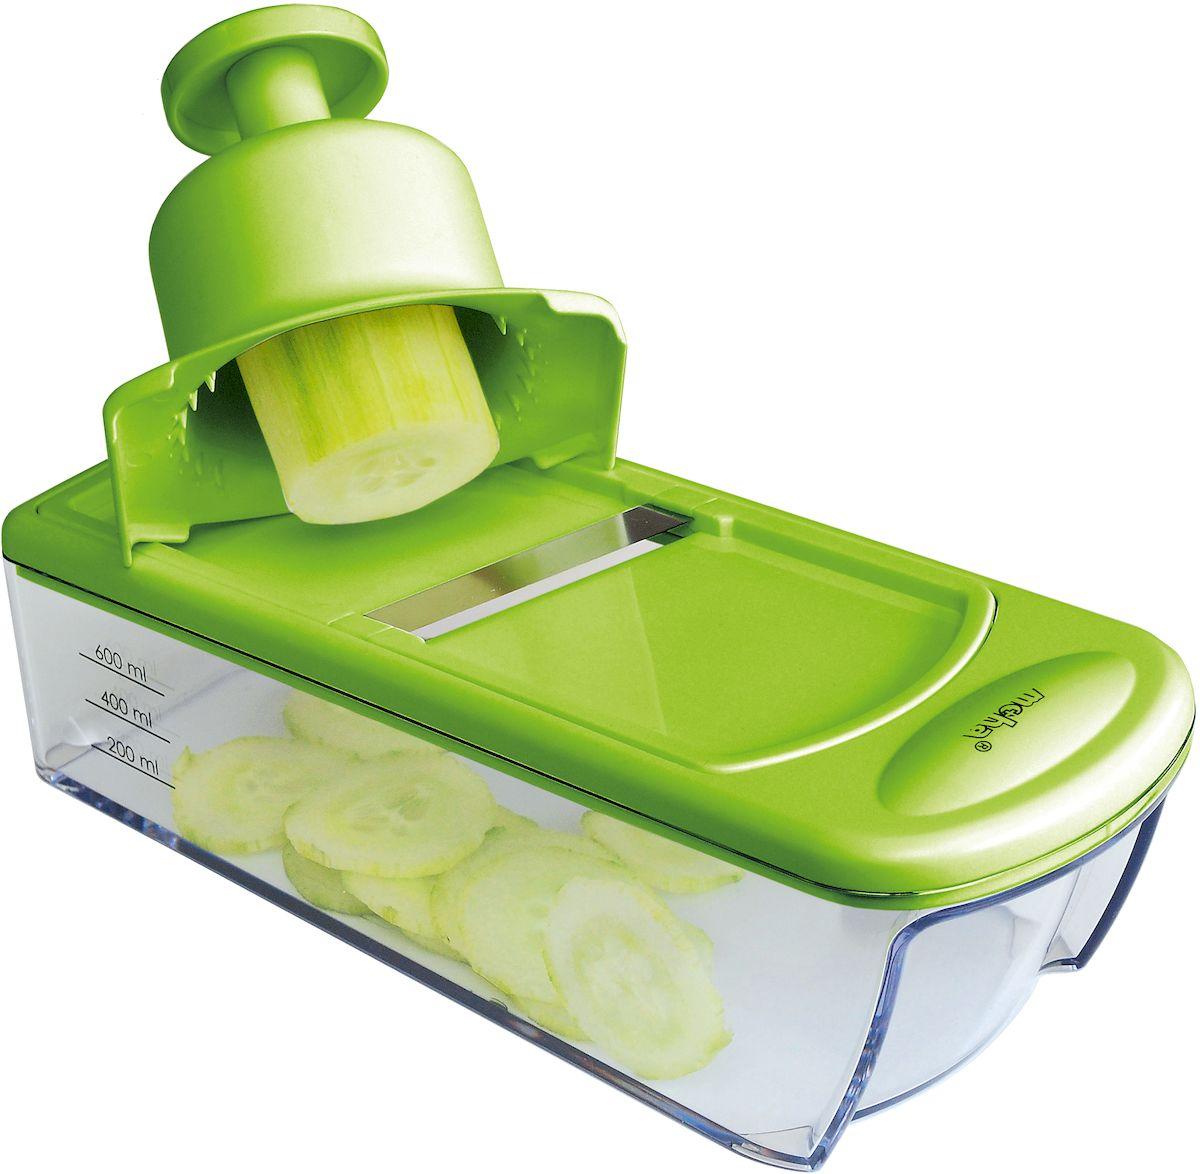 Терка для овощей Moha Mandolinetta, с толкателем безопасности и 4 сменными лезвиями, цвет: зеленый25225Терка для овощей с 4 съемными насадками для различных режимов измельчения выполнена из пластика и стали. В комплекте контейнер для удобства использования, а также держатель для овощей - защиты пальцев рук.